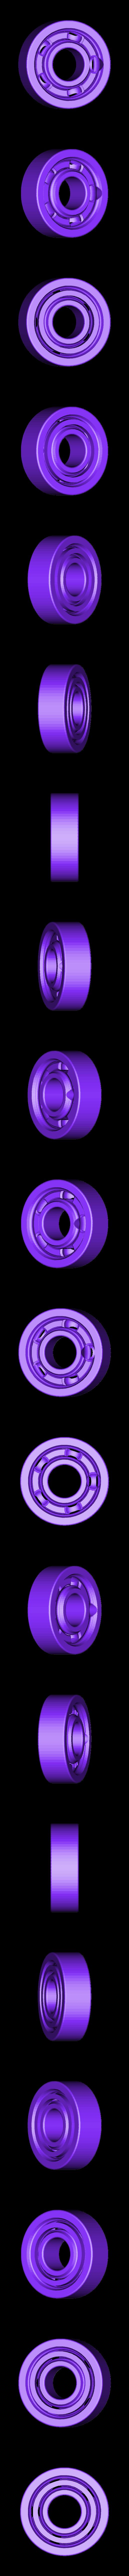 bearing_8_22_7_S_5balls4mm.stl Télécharger fichier STL gratuit Palier 608 (acier BB de 4,5 mm) • Objet pour impression 3D, SiberK